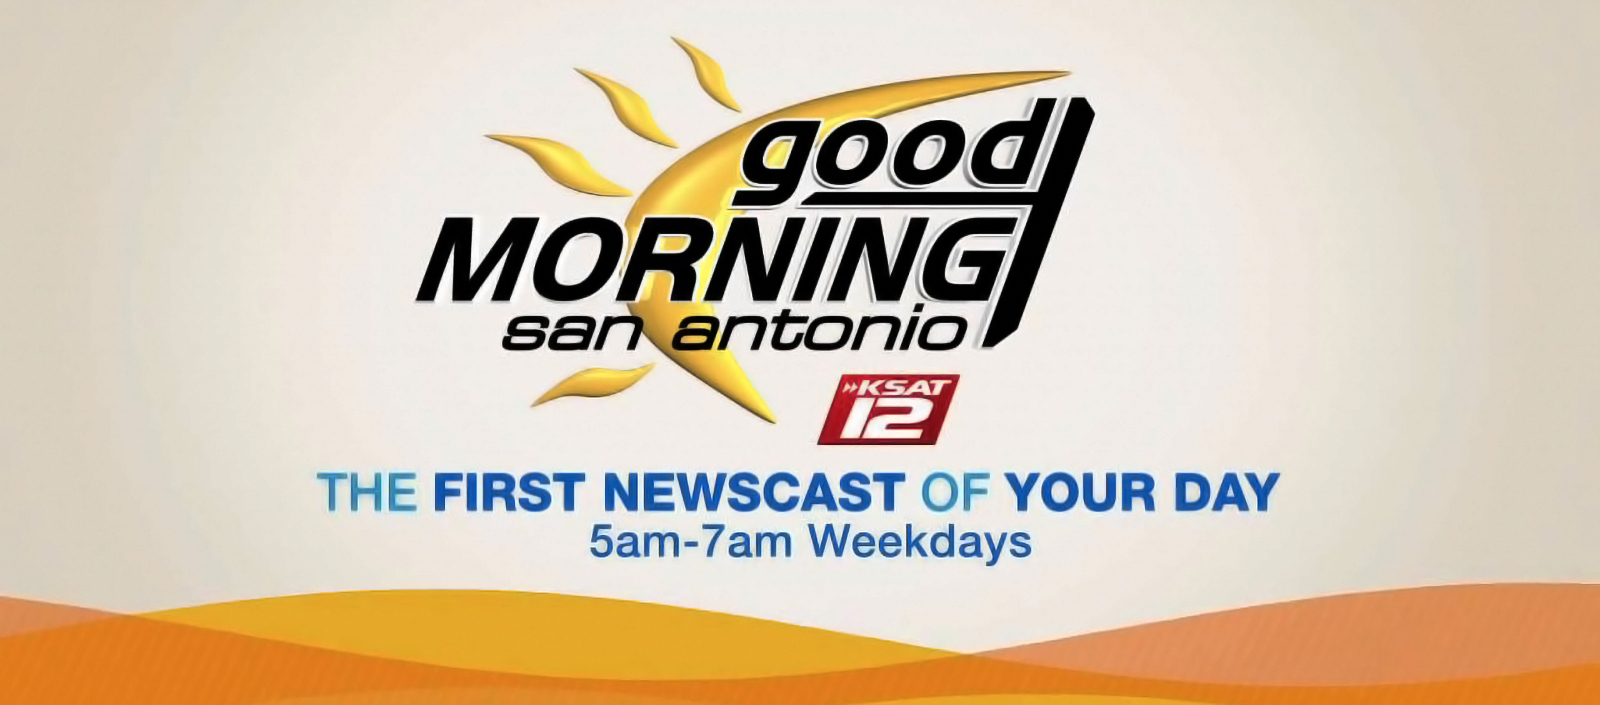 Good Morning San Antonio KSAT